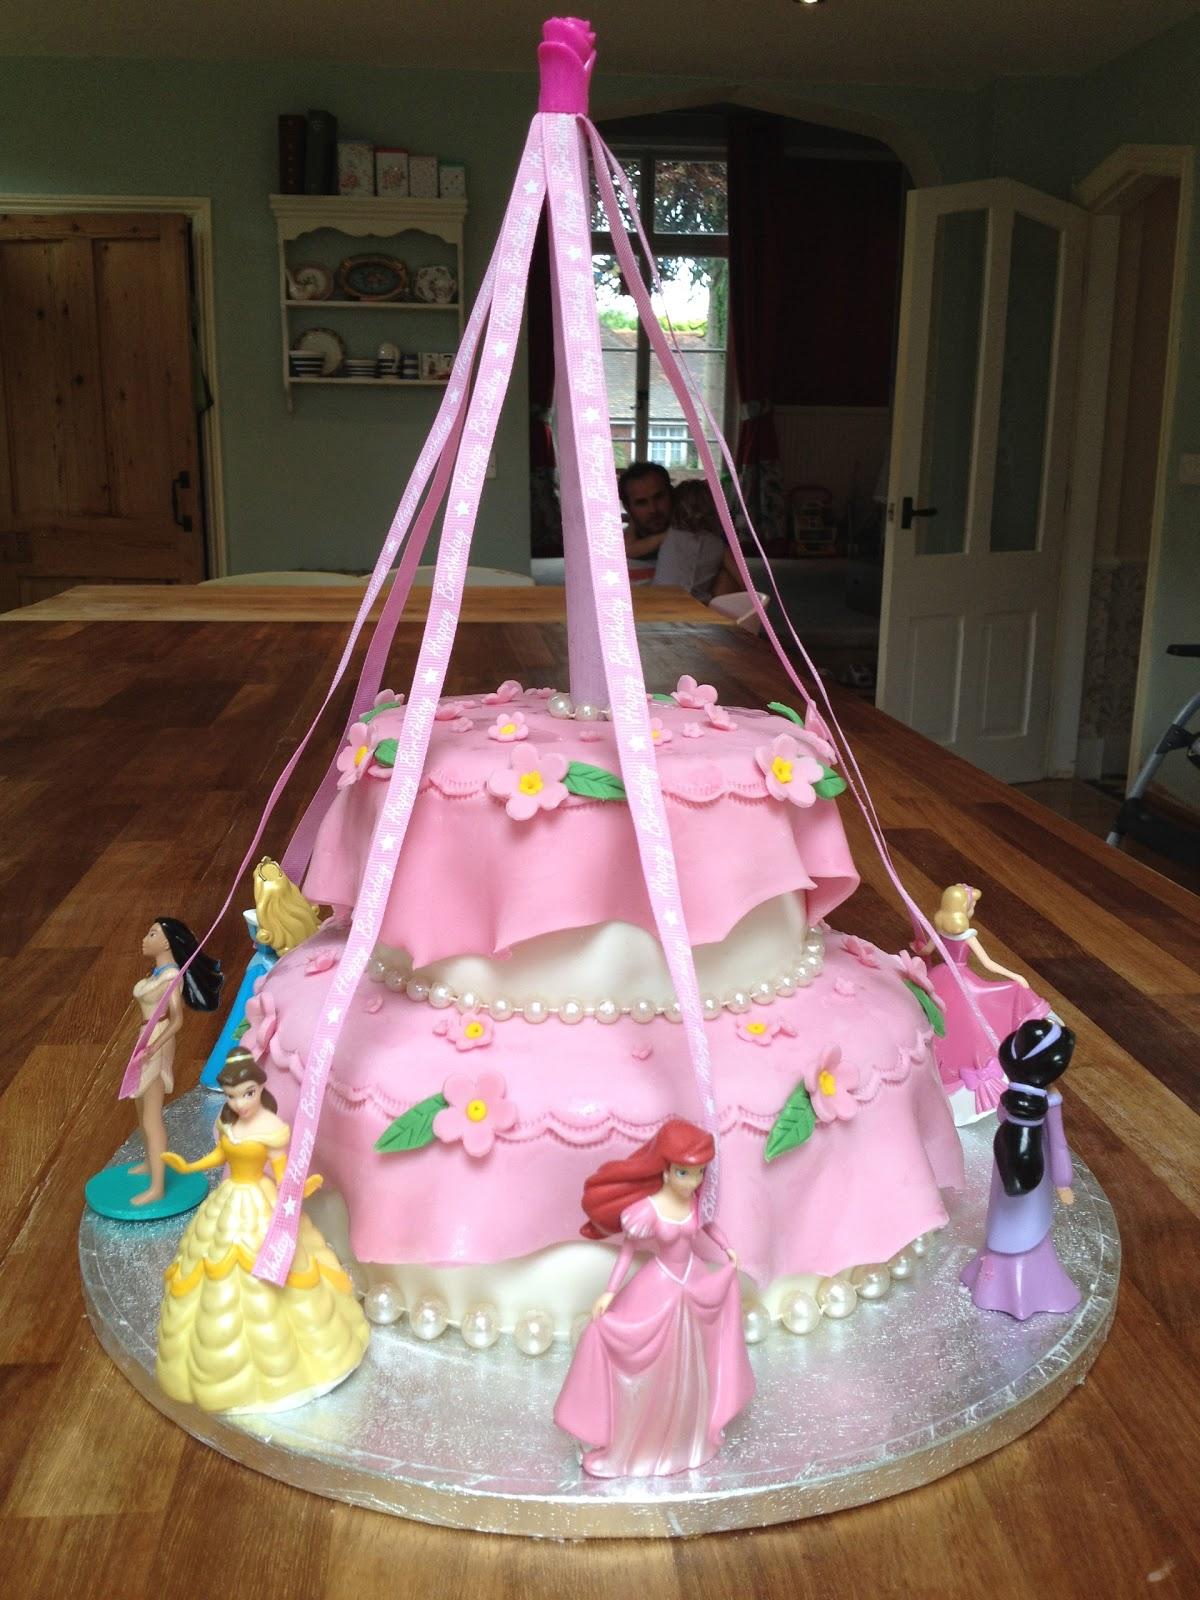 Gemma S Toddler Kitchen Girls Princess Birthday Cake